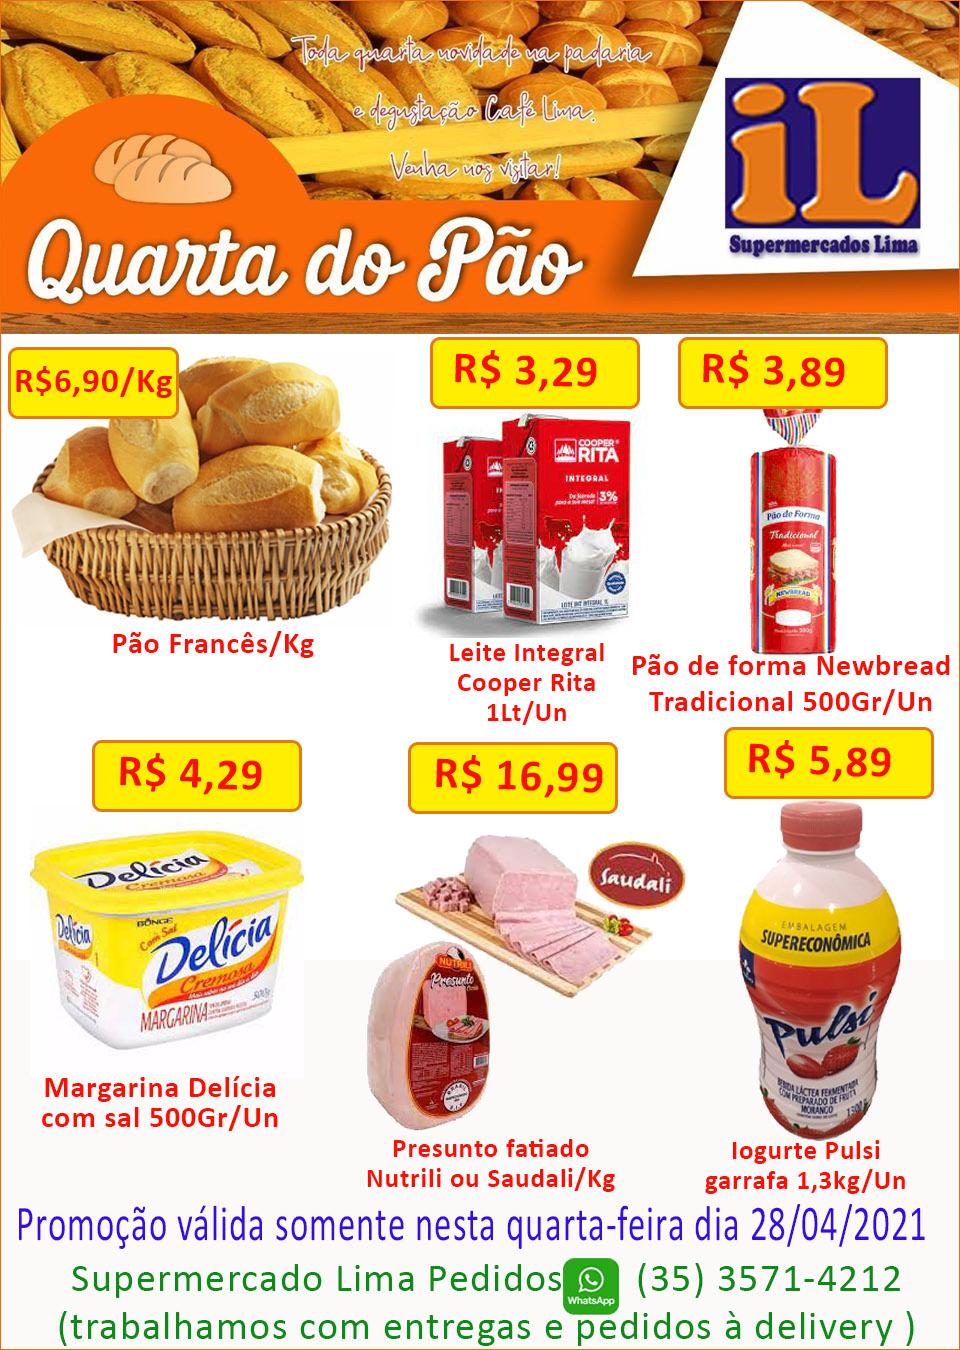 Quarta do Pao270421